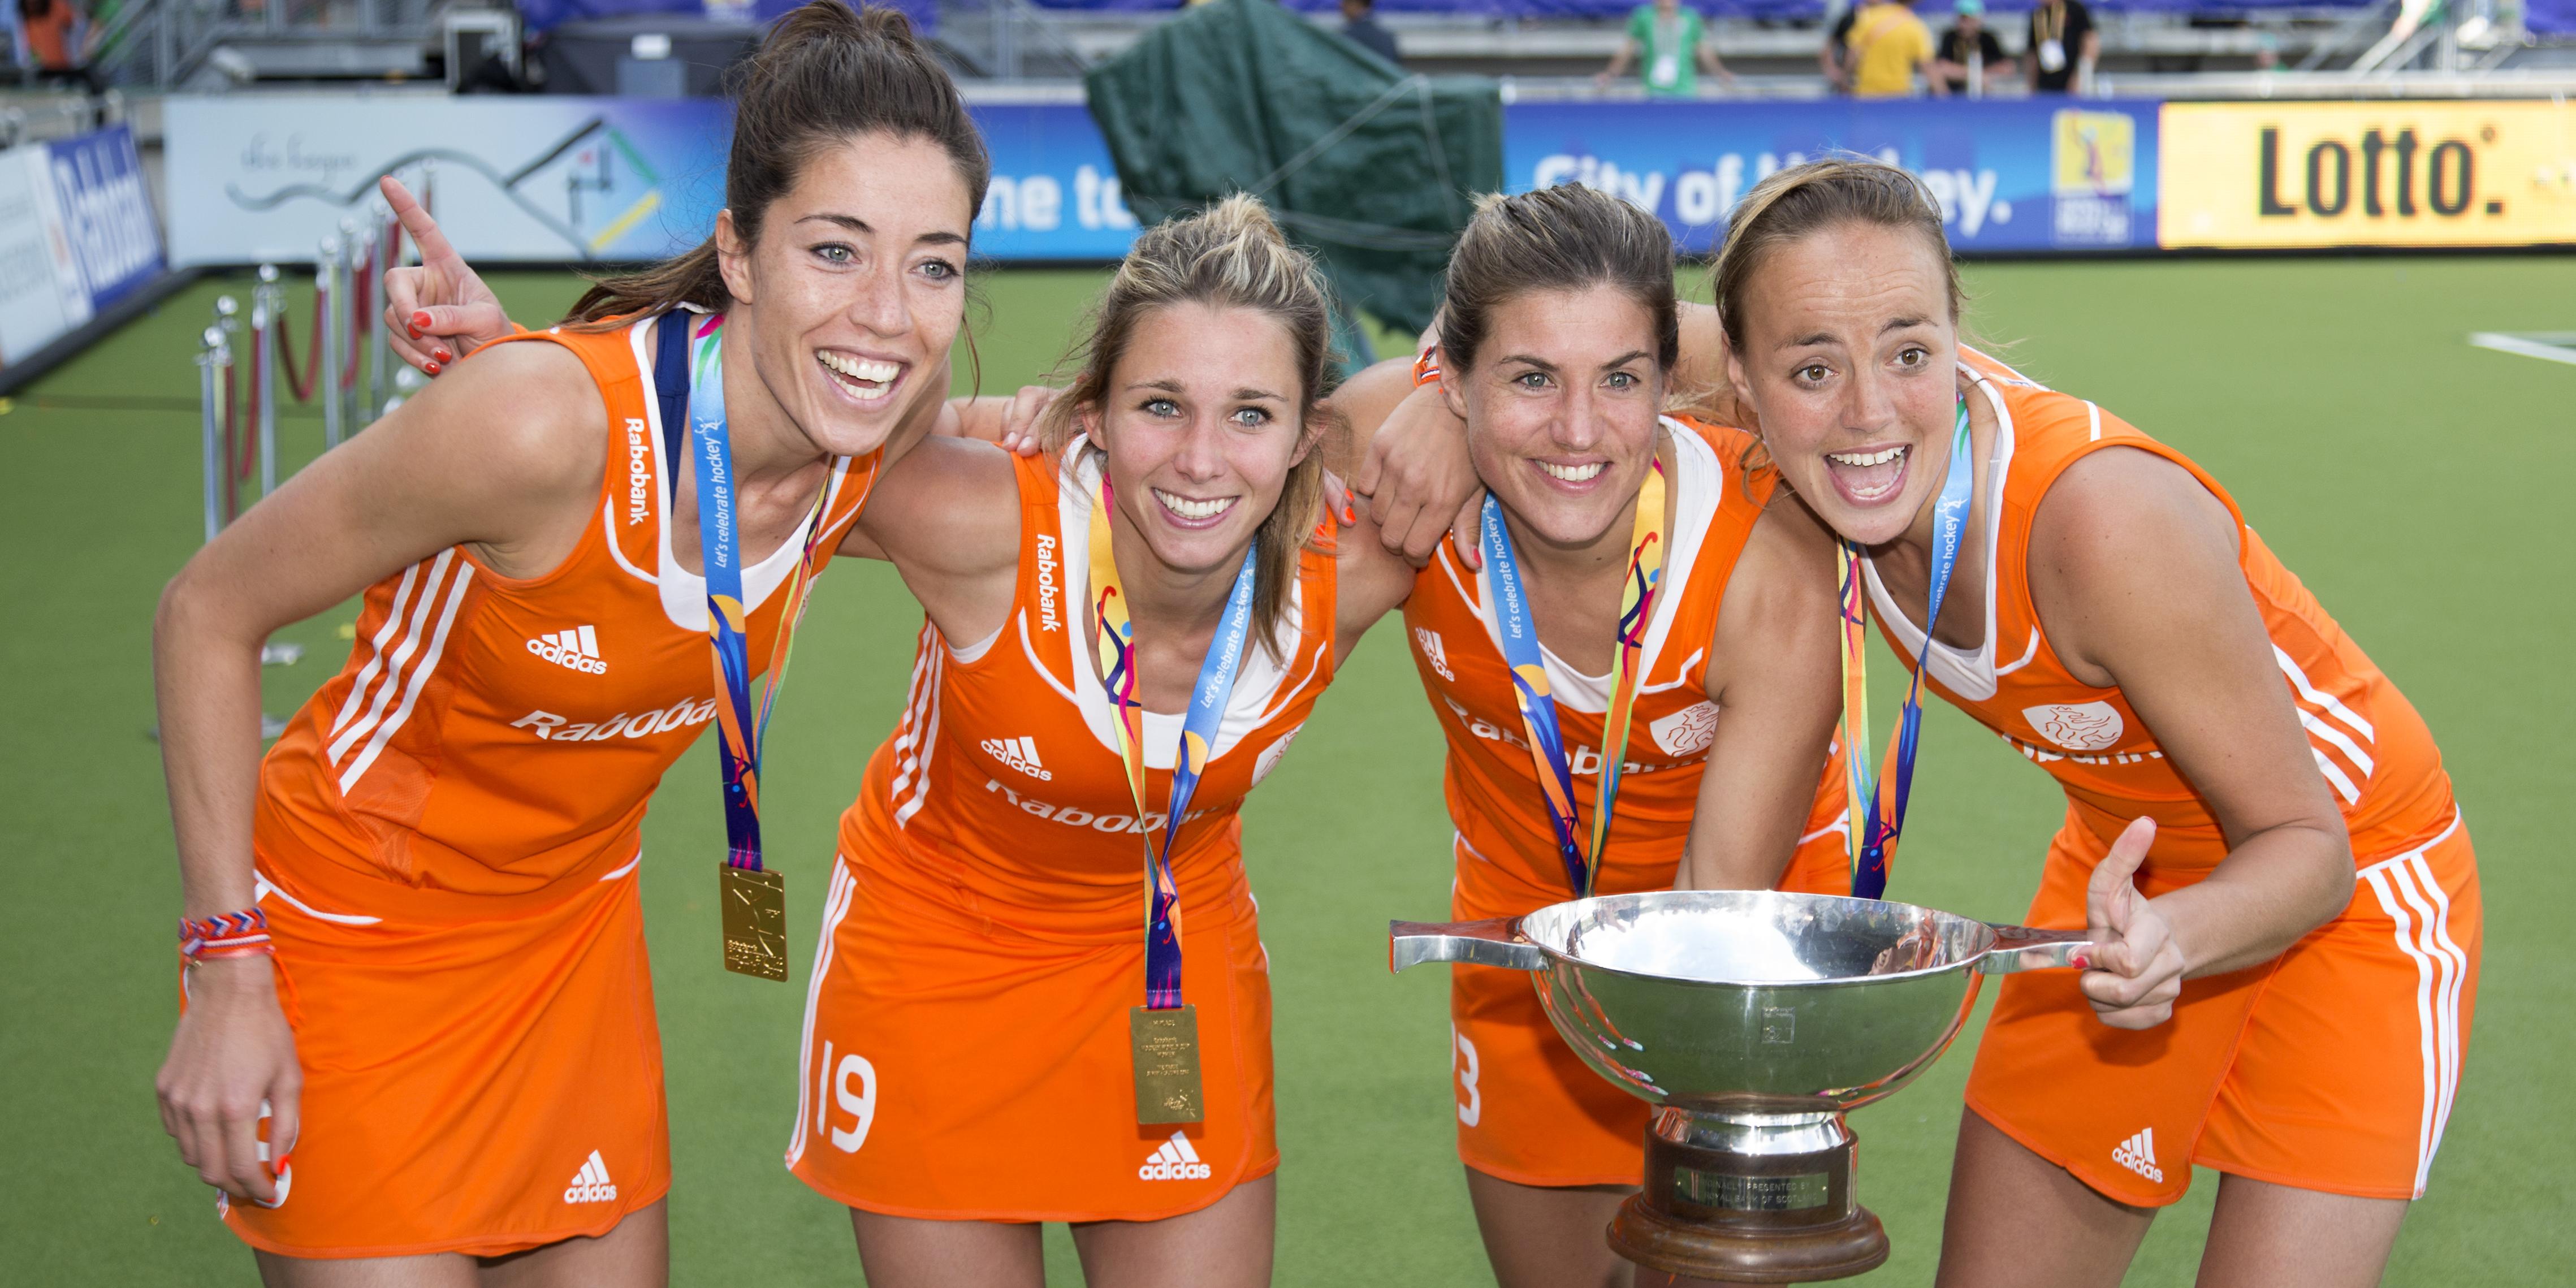 THE HAGUE - Rabobank Hockey World Cup 2014 - 14-06-2014 - WOMEN - FINAL NETHERLANDS - AUSTRALIA 2-0 - DAMES NEDERLAND WERELDKAMPIOEN HOCKEY - NAOMI VAN AS - KIM LAMMERS - ELLEN HOOG EN MAARTJE PAUMEN MET DE WERELDBEKER Copyright: Willem Vernes